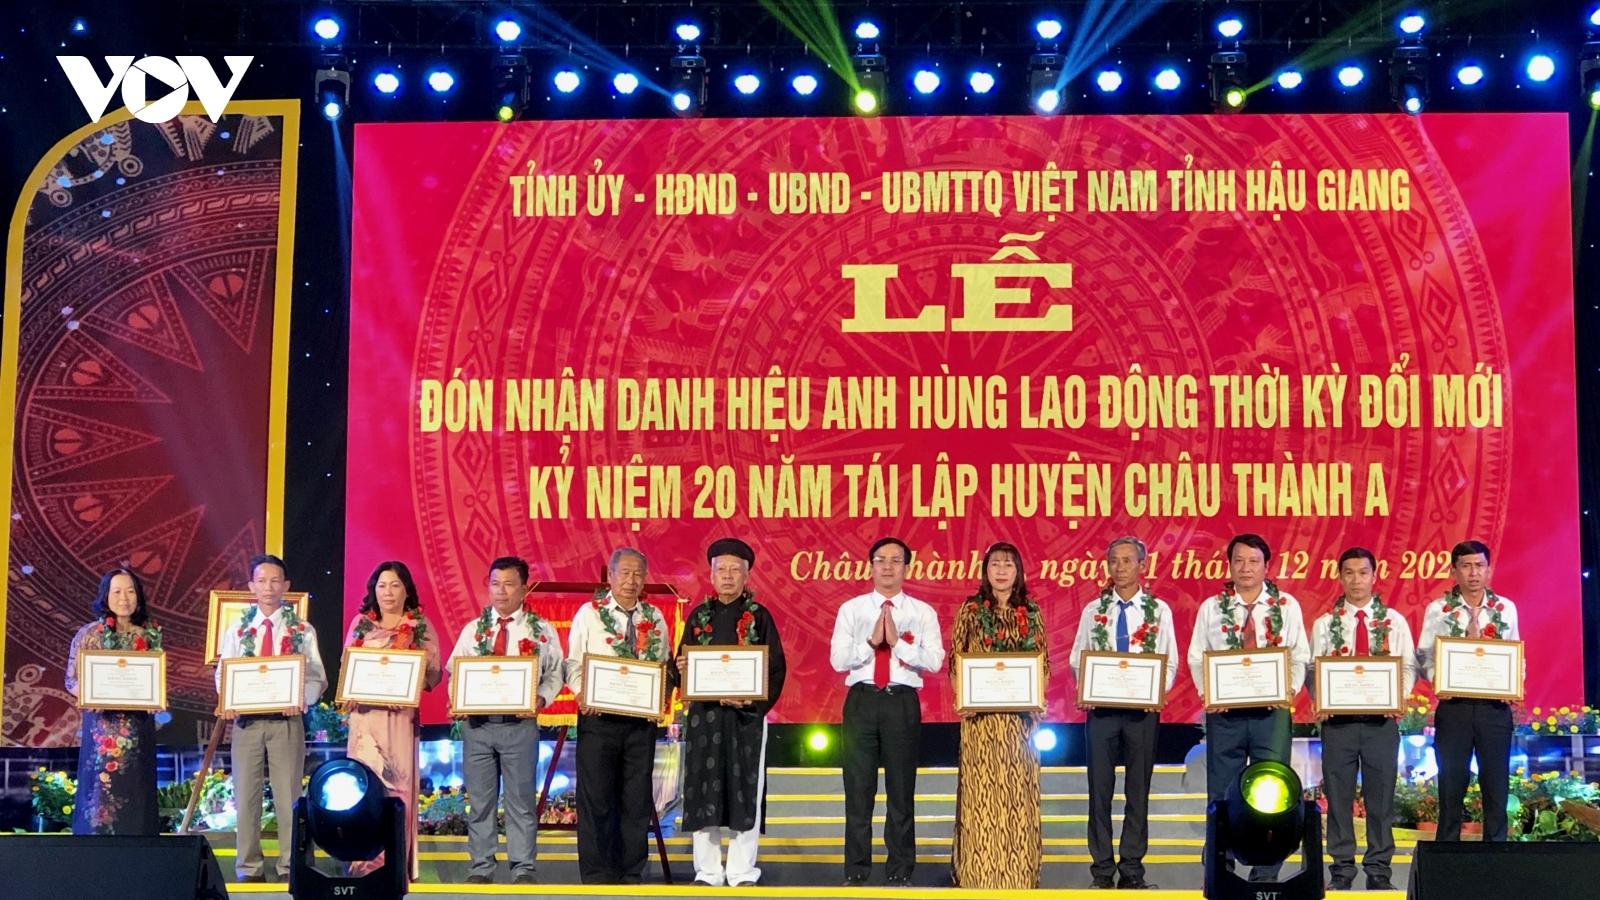 Huyện Châu Thành A (Hậu Giang) đón nhận danh hiệu Anh hùng lao động thời kỳ đổi mới